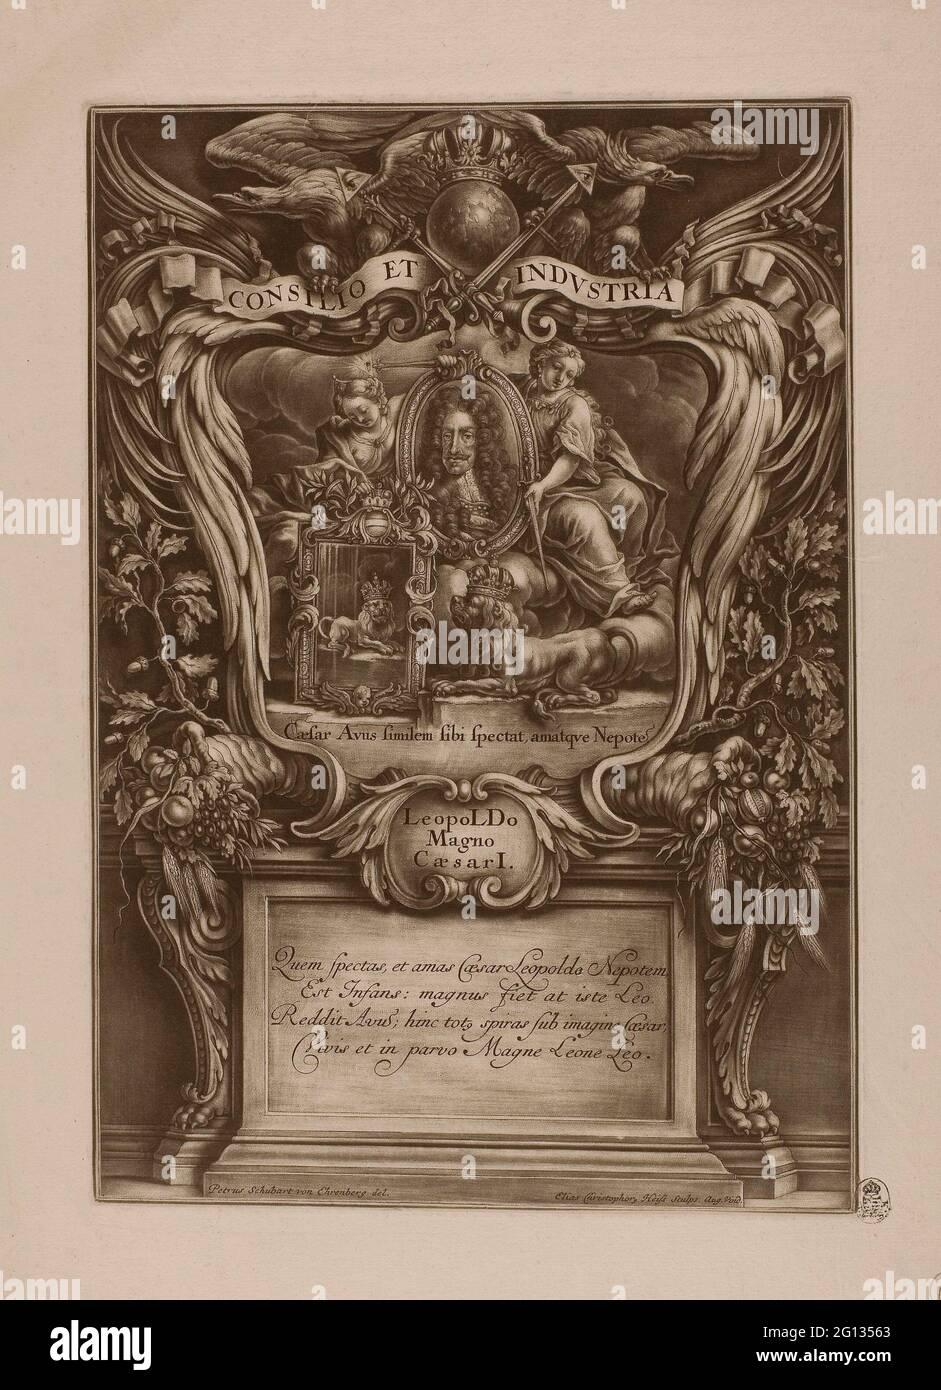 Auteur: Christoph Elias Heiss. Leopoldo Magno, Caesar I, de Triumphus Novem Saeculorum Imperii Romano Germanuci Leopoldo Magno - c. 1700 - Banque D'Images